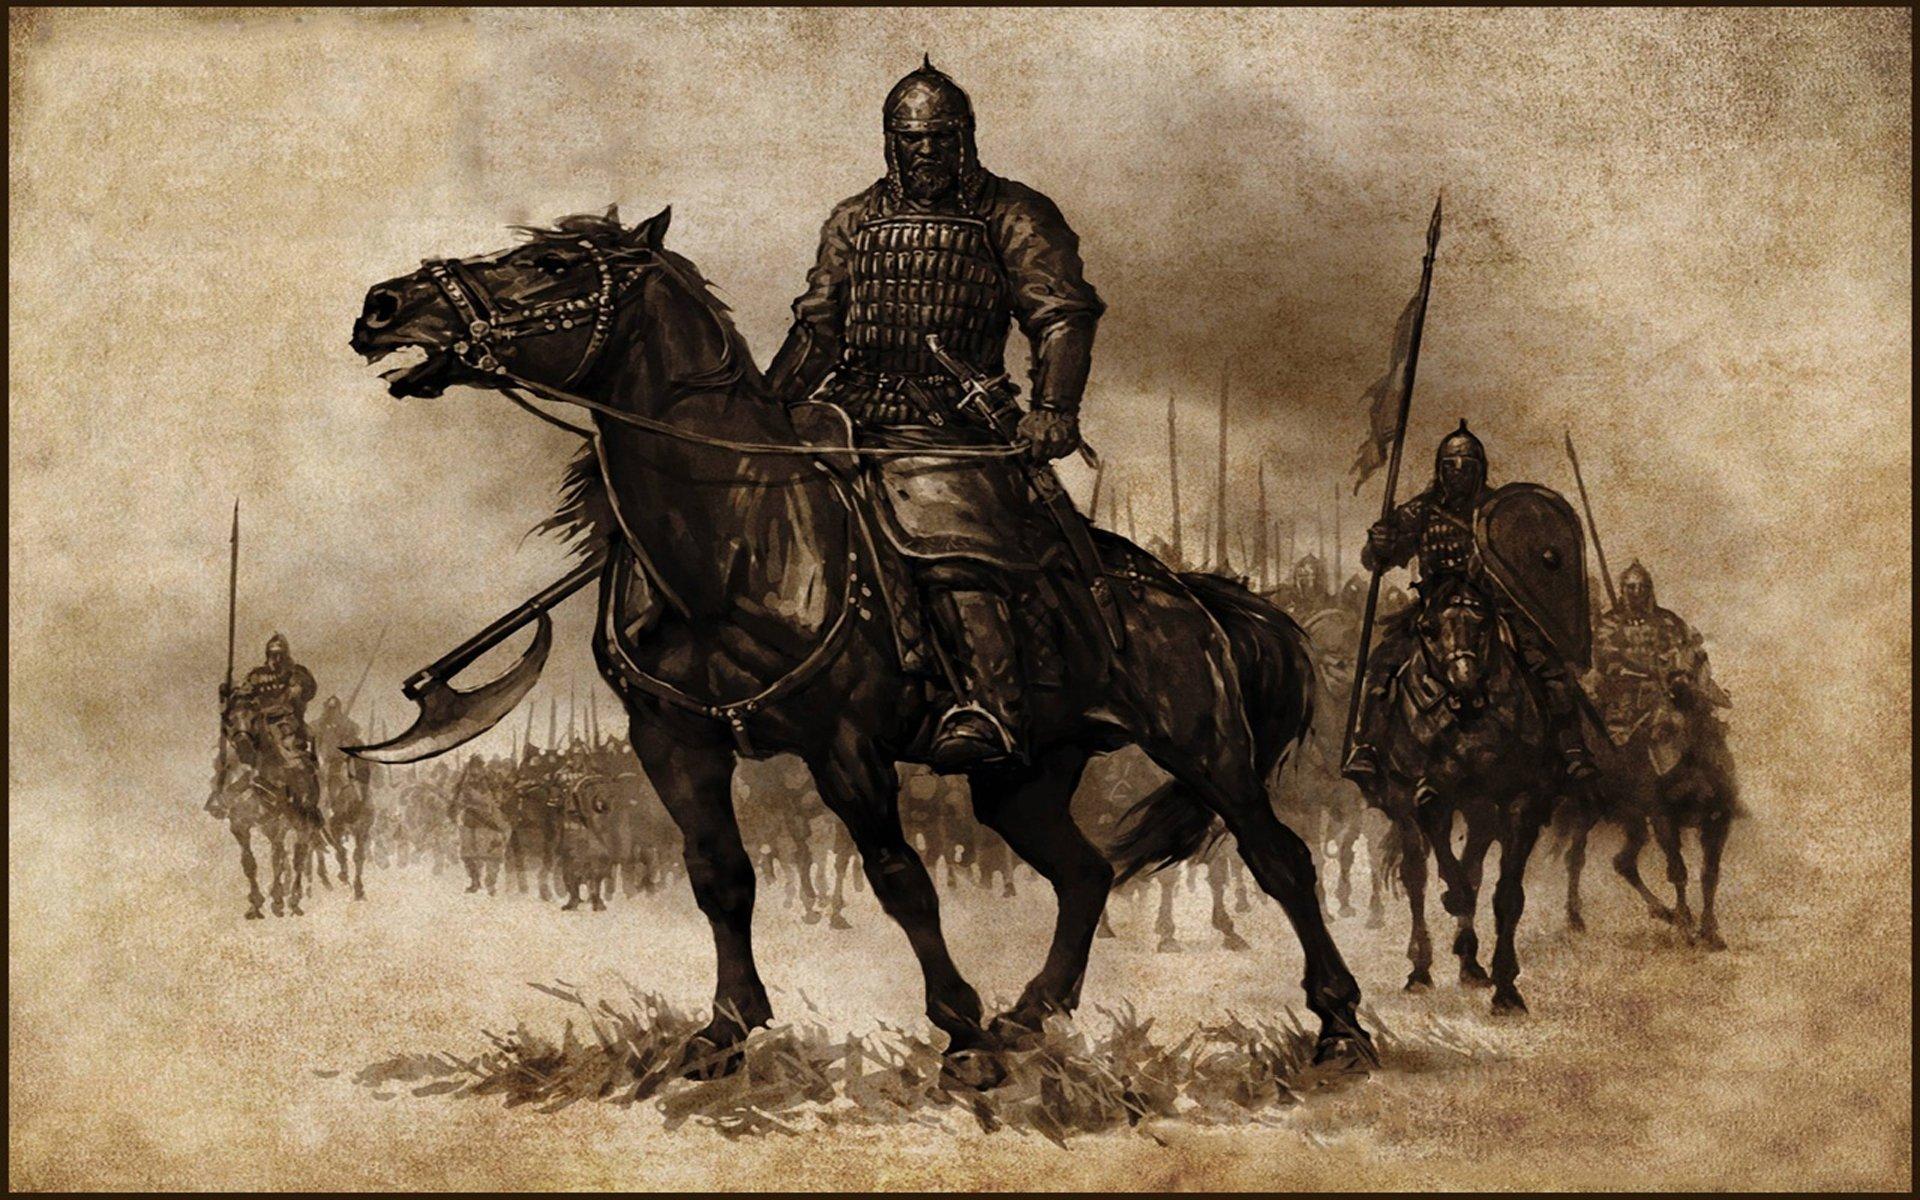 В субботу, 12 октября, давайте поиграем в Mount & Blade: Warband. Будет много народу, будет весело. - Изображение 1